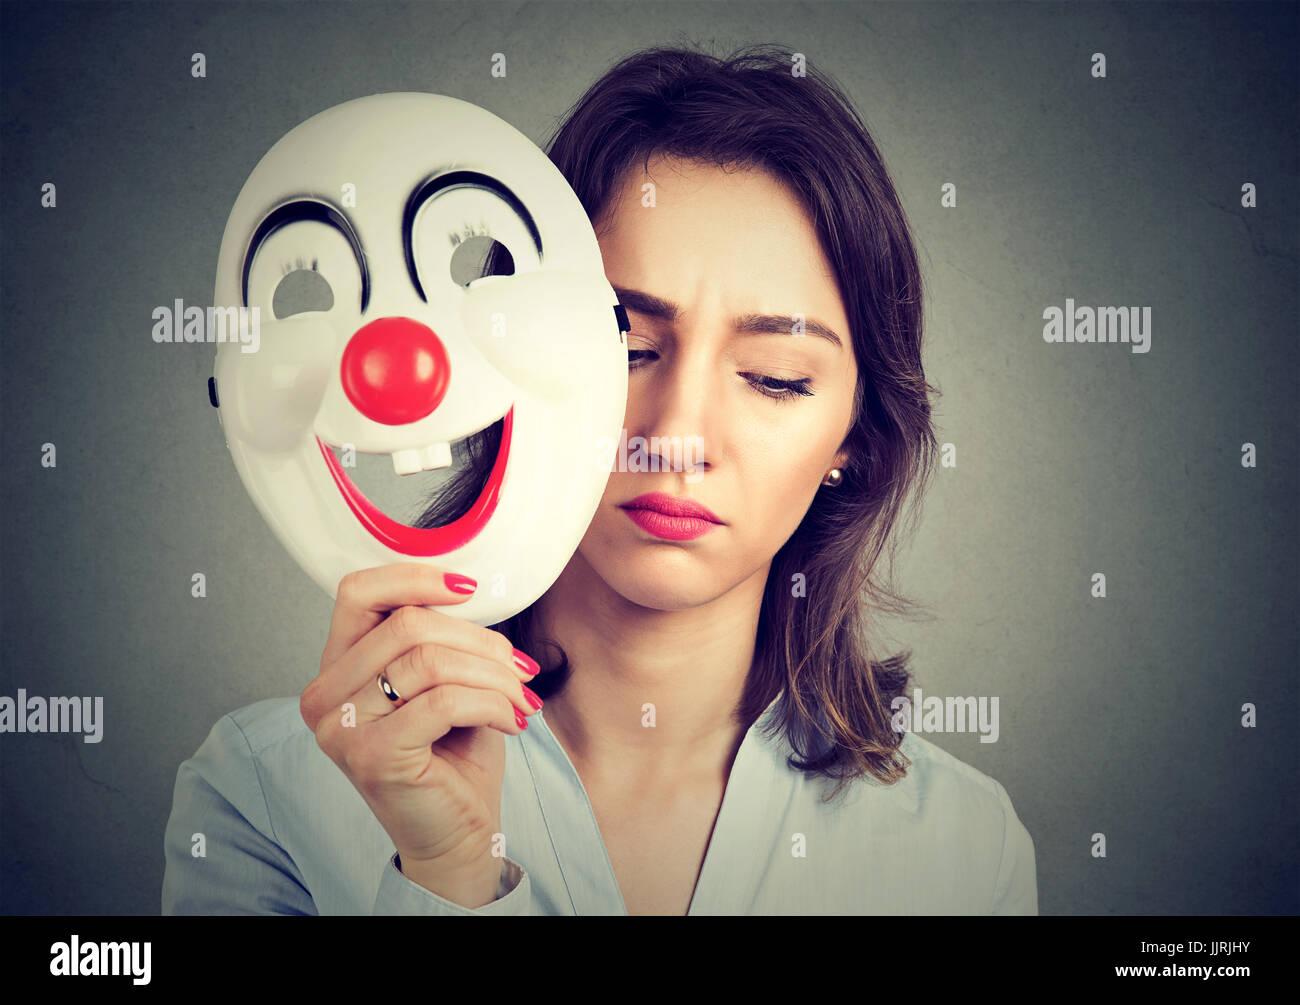 Ritratto di donna triste decollare happy clown maschera isolata sul muro grigio Sfondo. Le emozioni umane sensazioni Immagini Stock